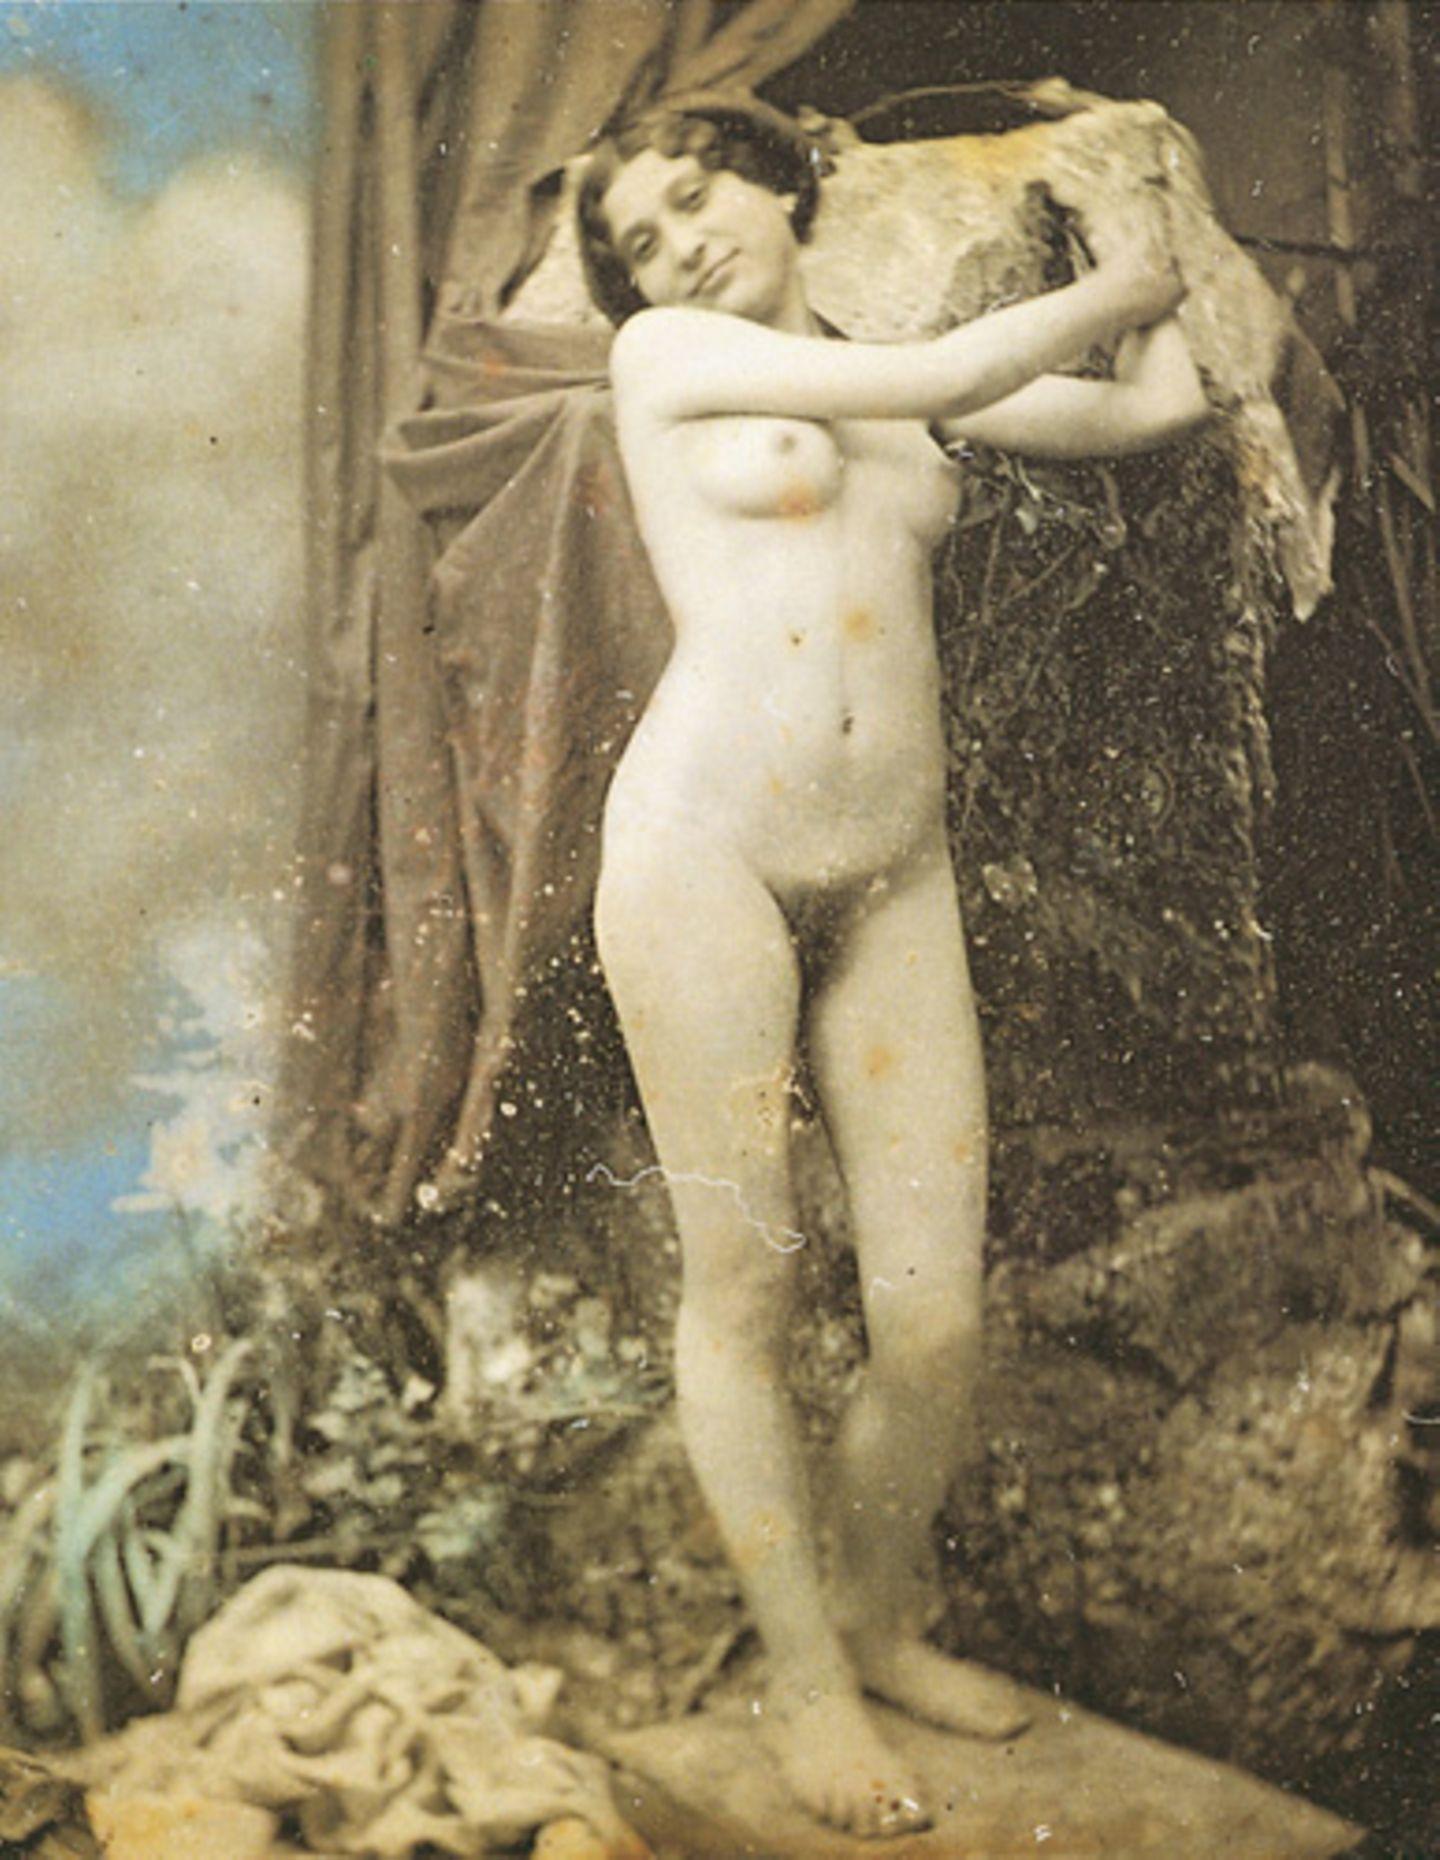 """Kim Kardashian war neulich nackt zu sehen? Ein alter Hut: Historische Sammlungen von Aktfotos belegen, dass Menschen schon immer gerne nackte Leute gesehen haben. Auf Vasen, auf Gemälden und irgendwann auf Fotos: Aktbilder, vorzugsweise natürlich von Frauen, waren in jedem Jahrhundert beliebt und verbreitet. Was aber als neue Entwicklung auffällt: Die Wahrnehmung des weiblichen Körpers hat sich durch die immer stärkere Manipulation der Bilder sehr stark verändert. Mit den immer einfacher werdenden Bildmanipulationen in Fotolabors, und später am Computer, wurde mit den Jahren ein Schönheitsideal erzeugt, dass zunehmend unrealistischer wurde. Ein aktuelles Titelmodel im """"Playboy"""" ist schon in seinen Proportionen so grotesk übertrieben, dass es bei nährerer Betrachtung mehr Ähnlichkeit mit einer Cartoonfigur hat als mit einem echten Menschen."""